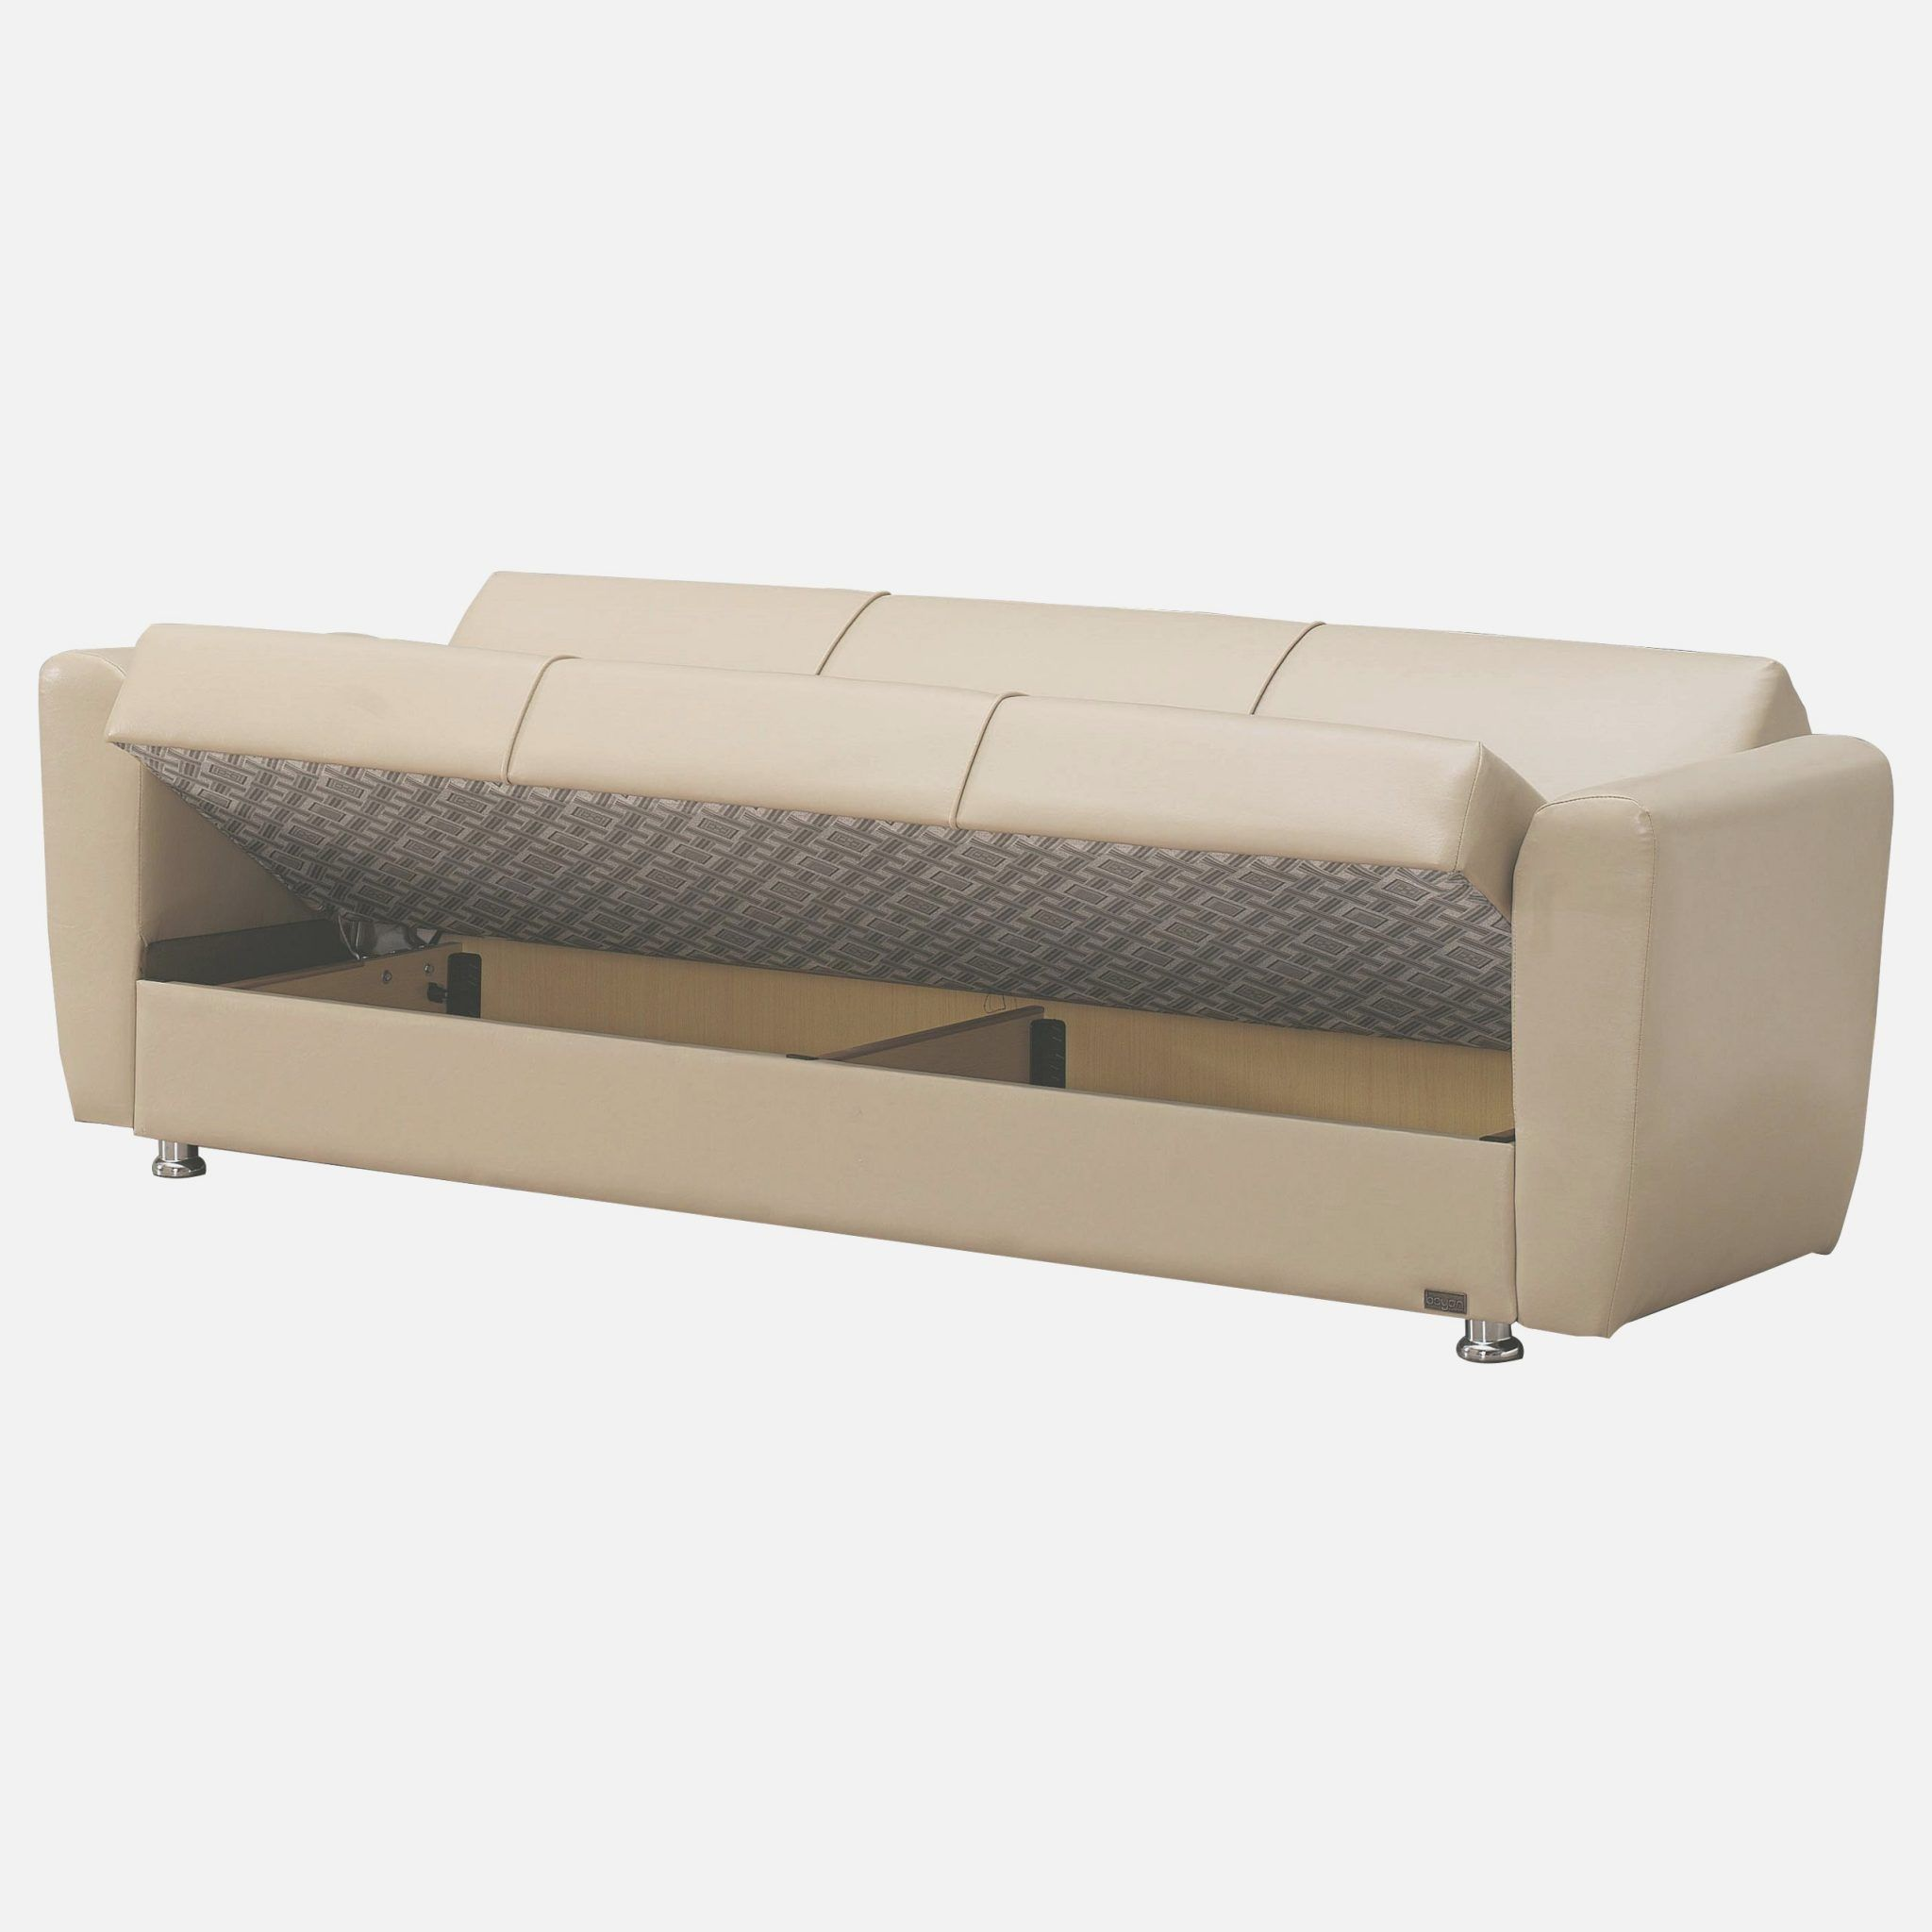 Sofa Bed Big Lots   big lots furniture sofa bed, convertible sofa